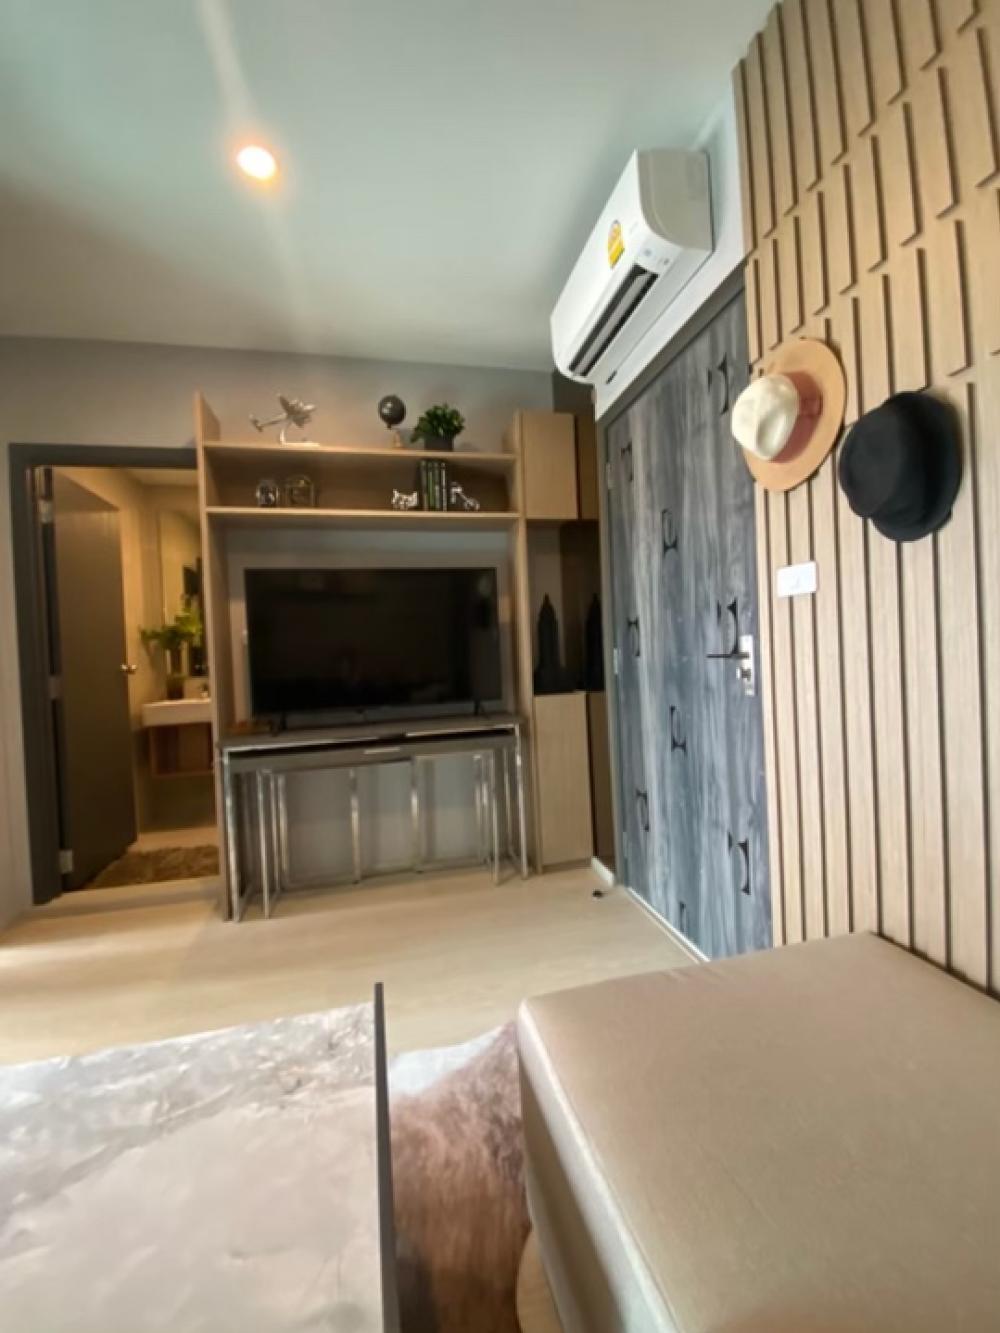 ขายคอนโดอ่อนนุช อุดมสุข : ขาย Elio del nest 31ตรม. 1ห้องนอน ฟรีเฟอร์ ฟรีโอน โทร: 0868889328 (บอล)